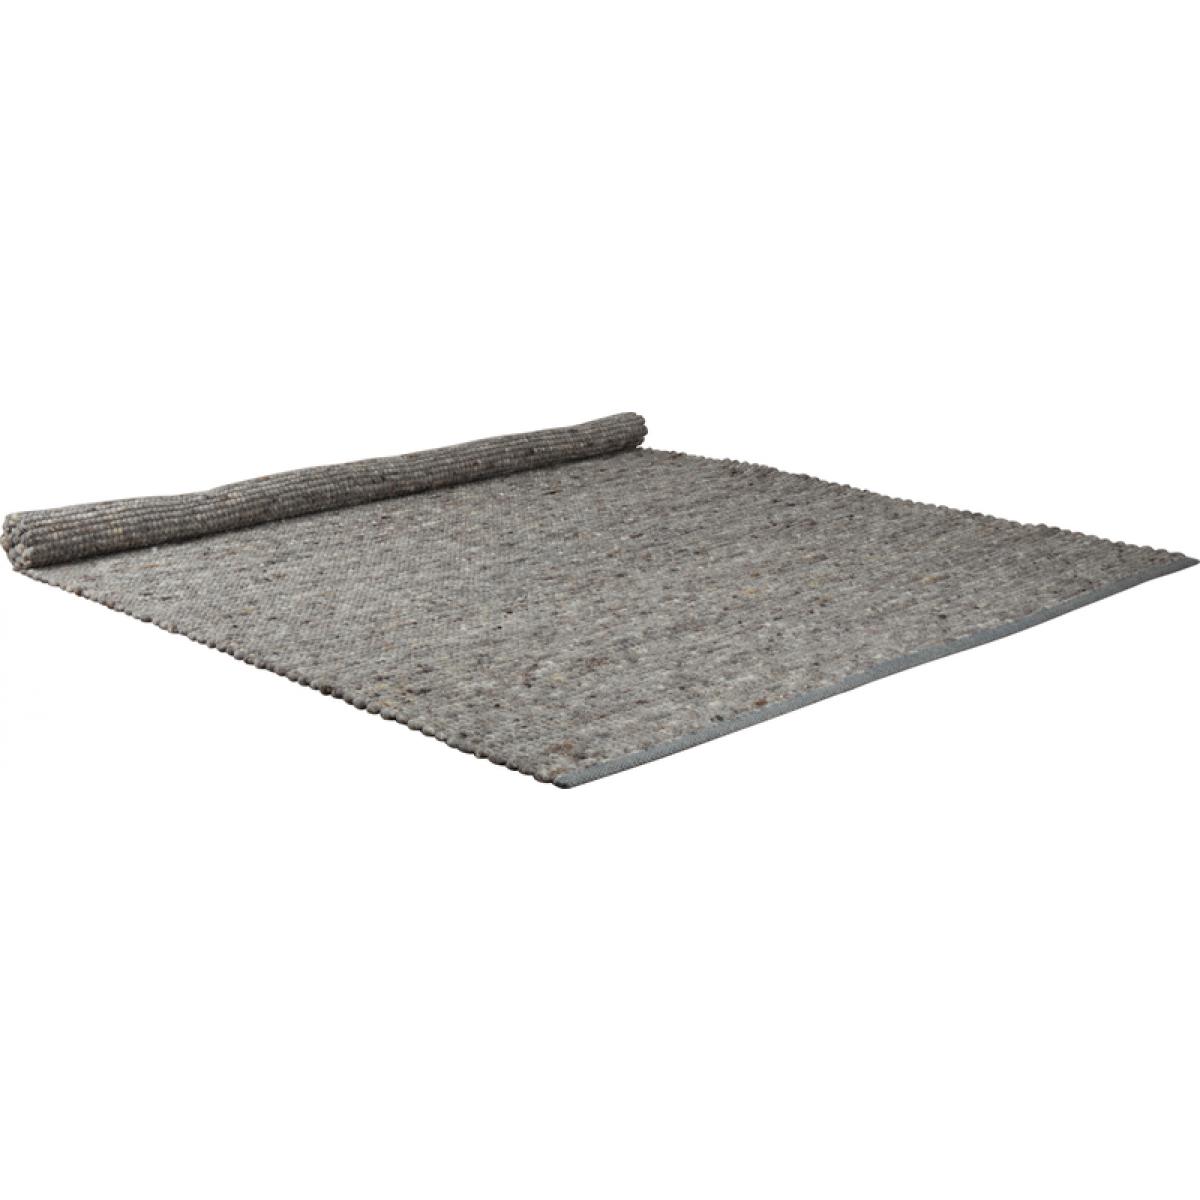 Zuiver vloerkleed Pure Light Grey 160x230 cm